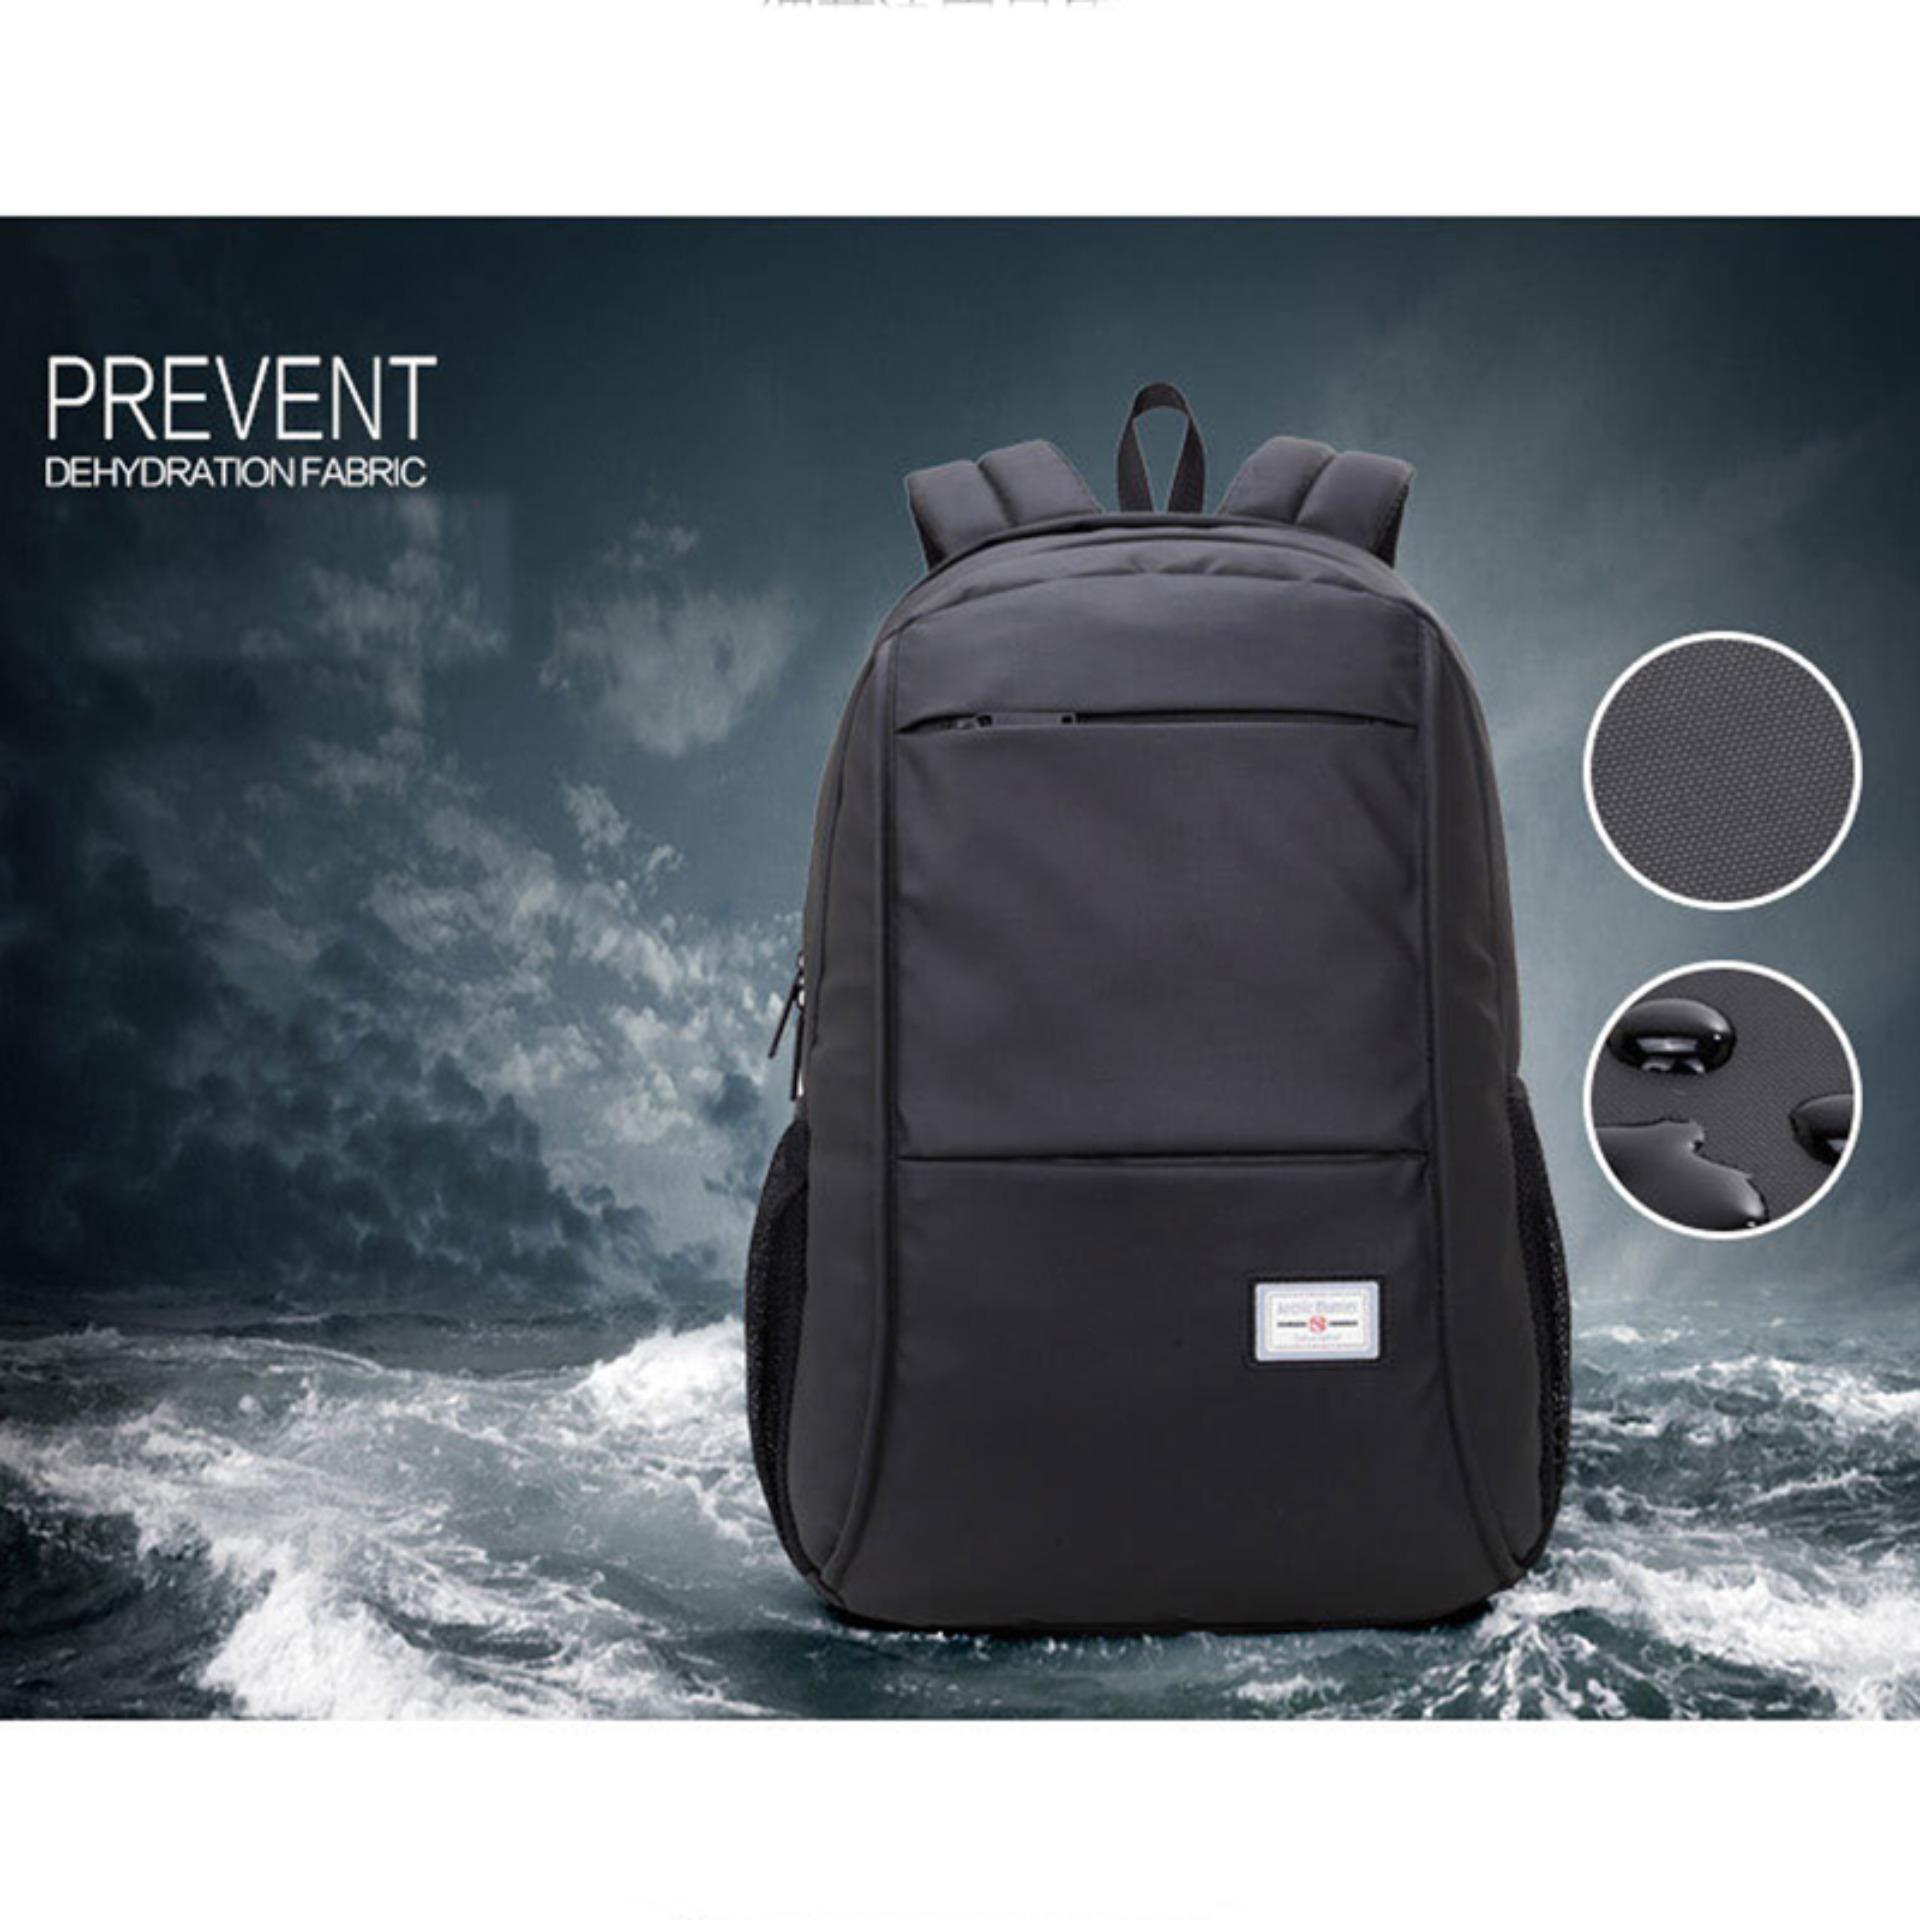 Spek Tas Ransel Backpack Tas Punggung Tas Laptop Kuliah Kerja Arctic Hunter Black Generic